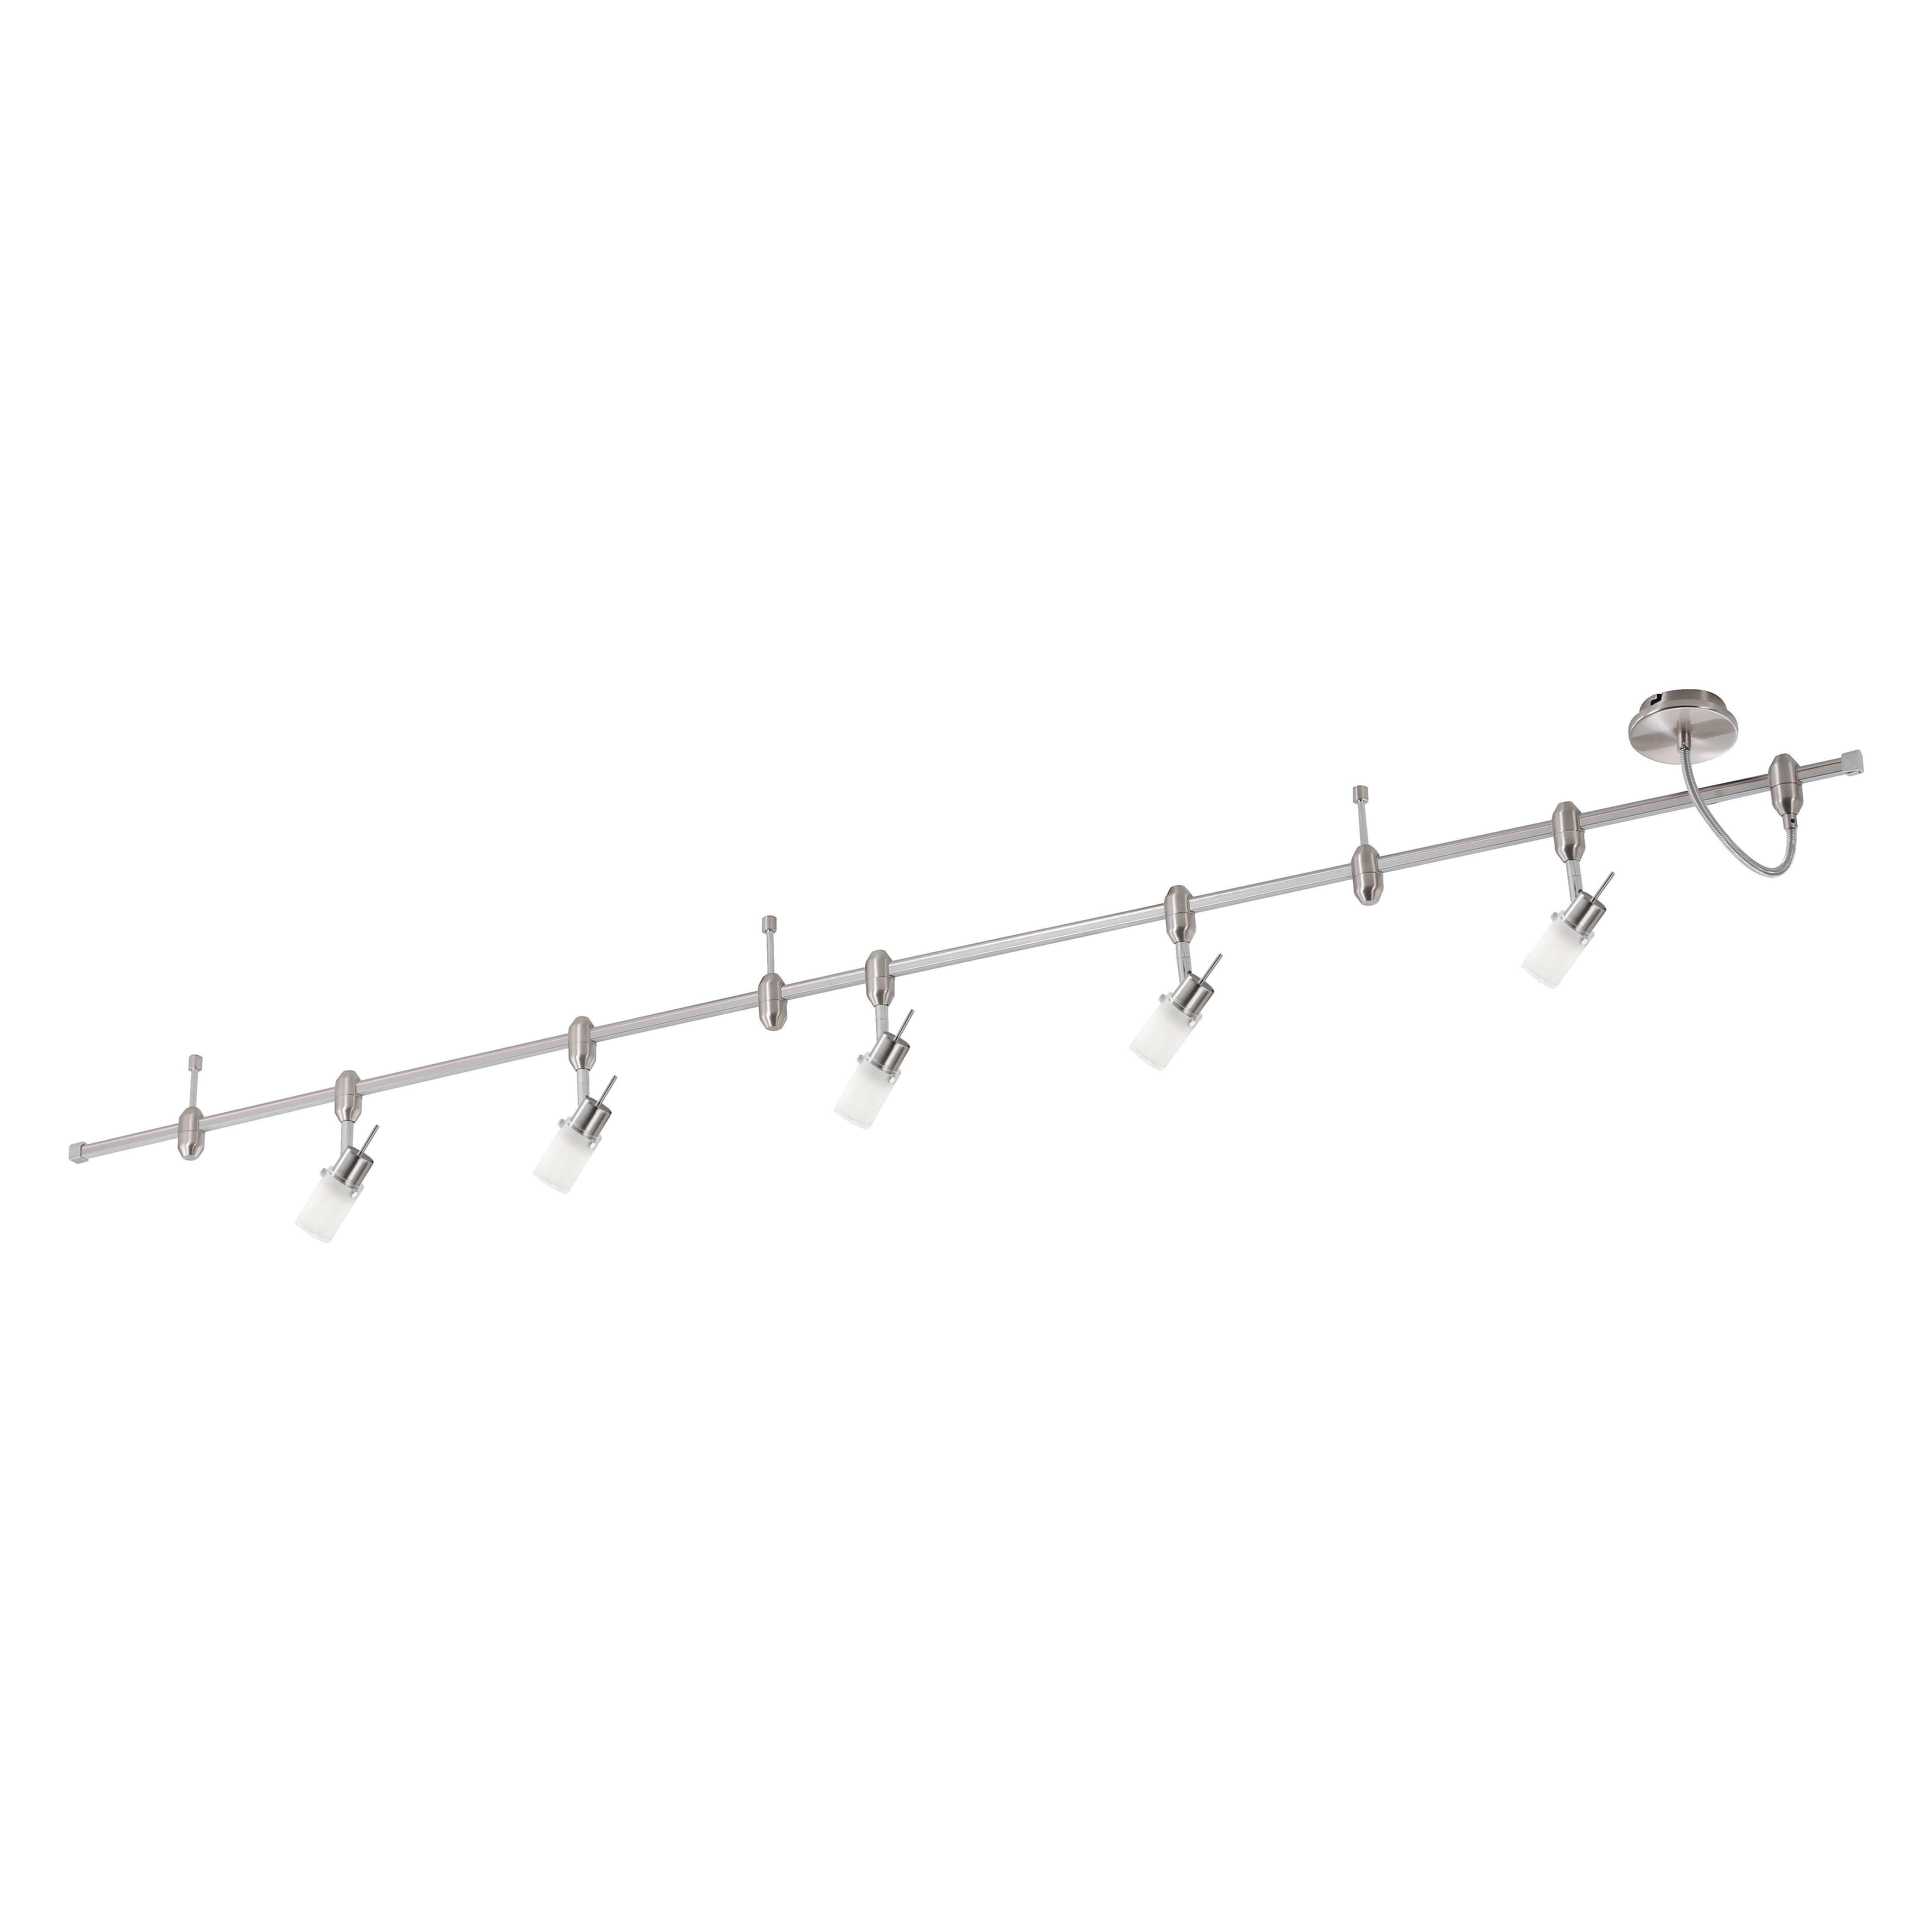 EEK A++, Deckenleuchte Granby Led - Eisen - Silber - 5-flammig, Paul Neuhaus